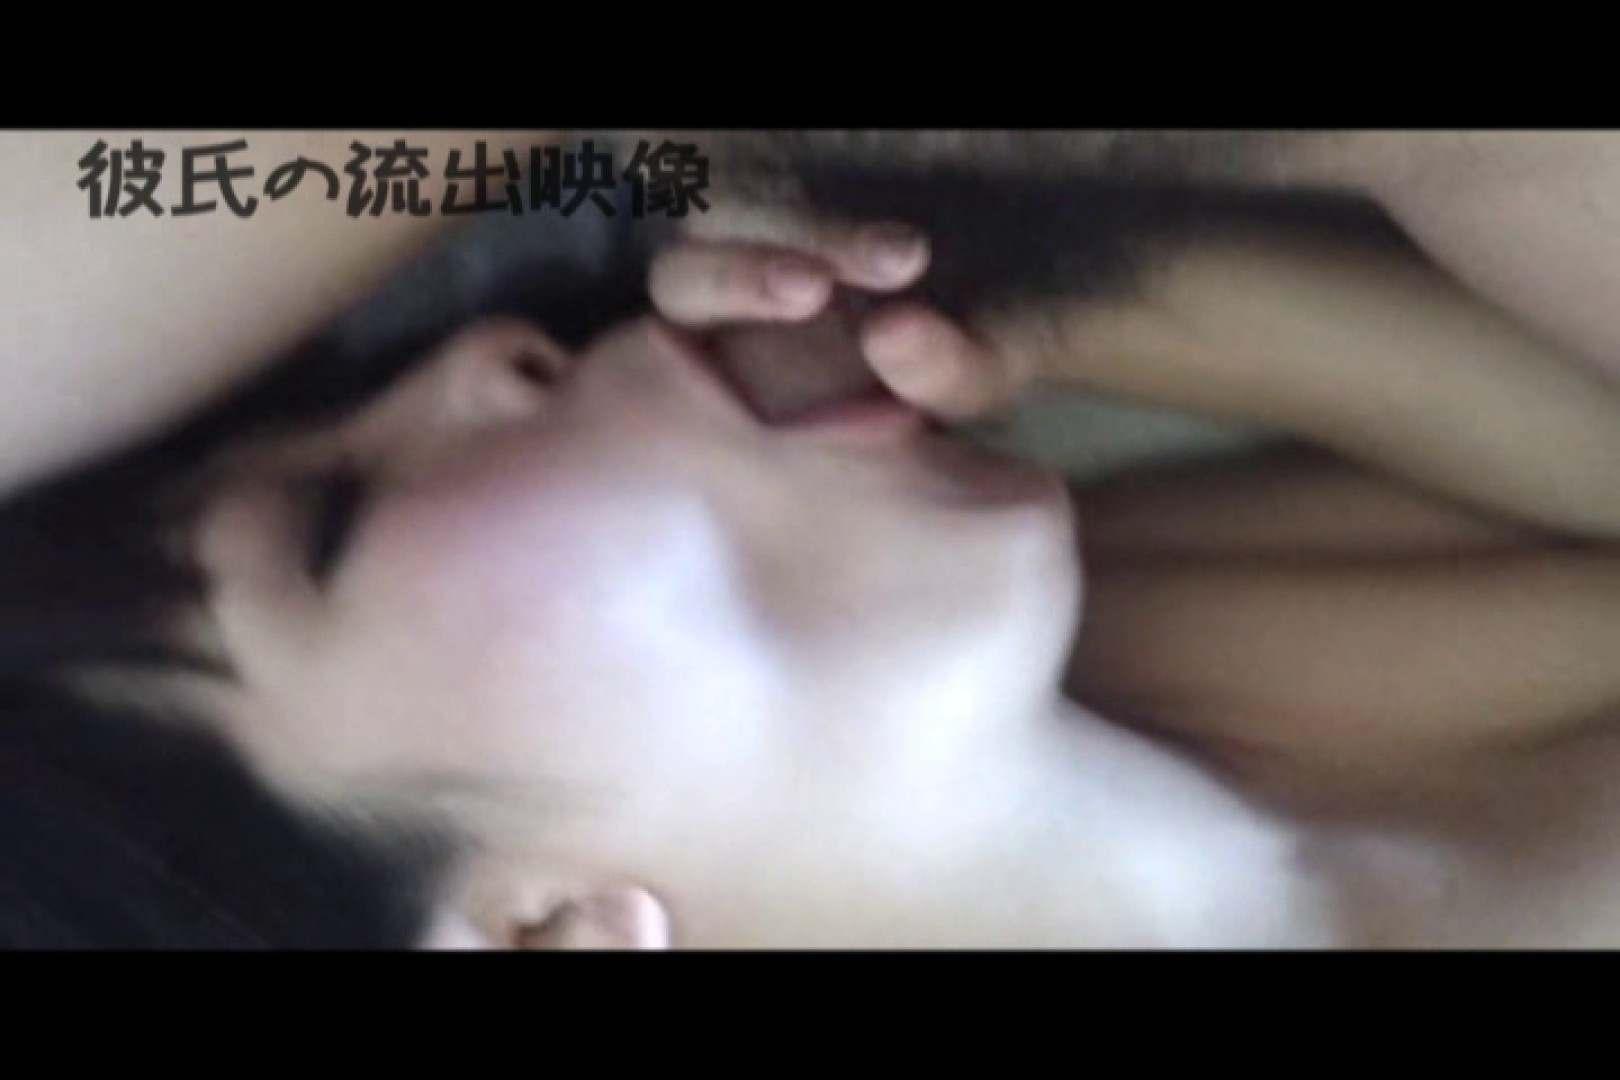 彼氏が流出 パイパン素人嬢のハメ撮り映像03 カップル | 可愛いパイパン  92pic 57